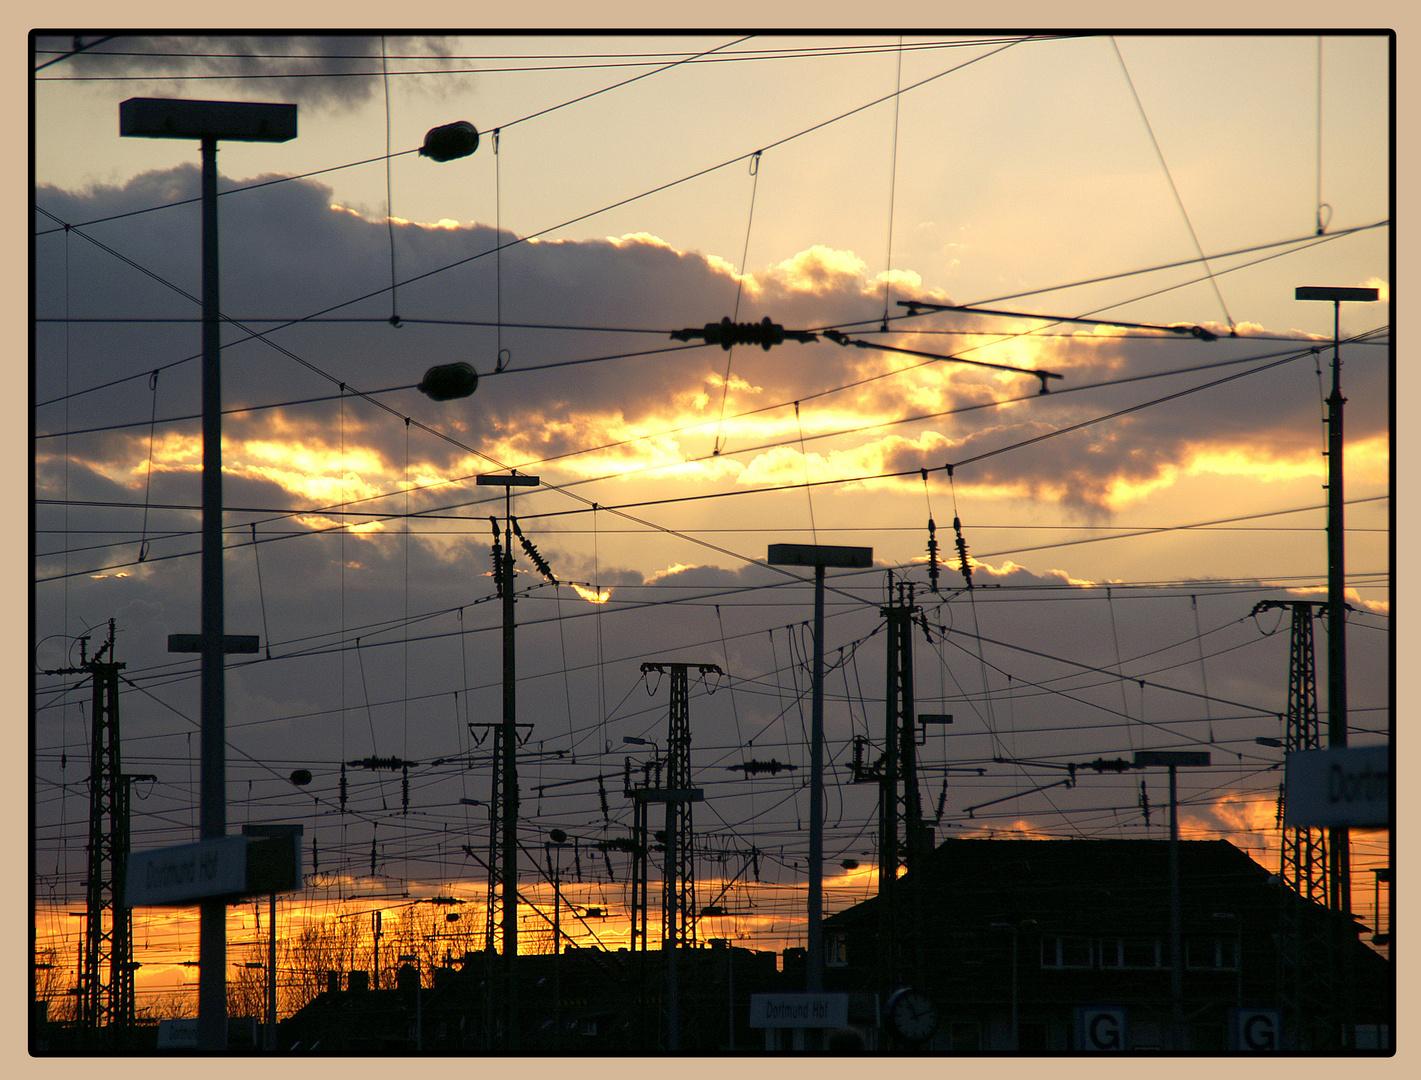 Am Bahnhof geh'n die Lichter aus